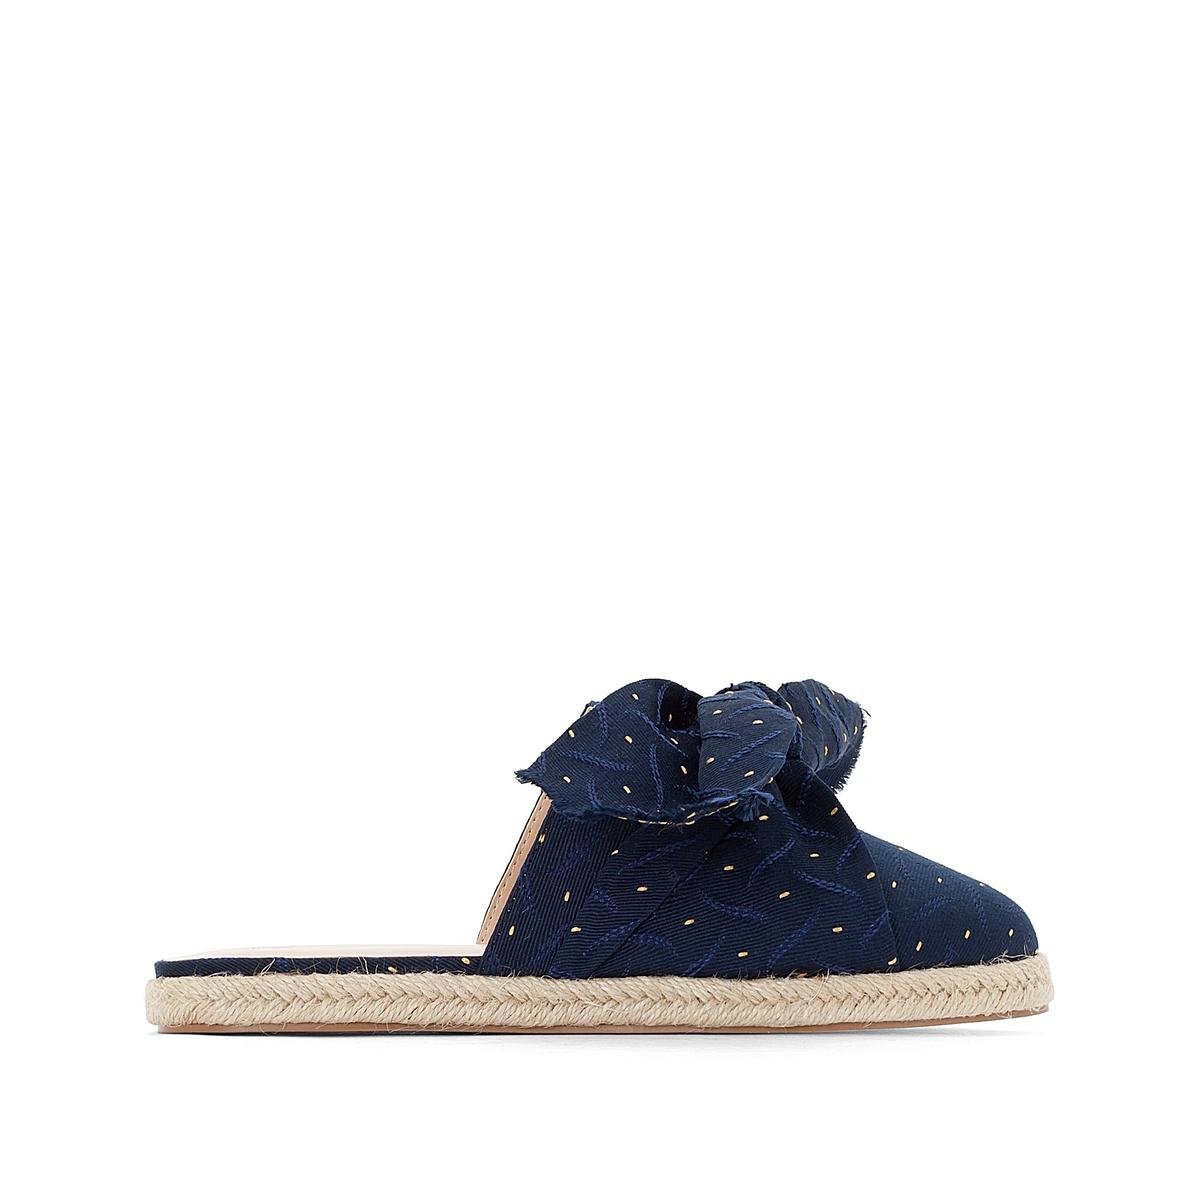 Туфли La Redoute Без задника с завязками 36 синий туфли без задника кожаные с блестящими деталями